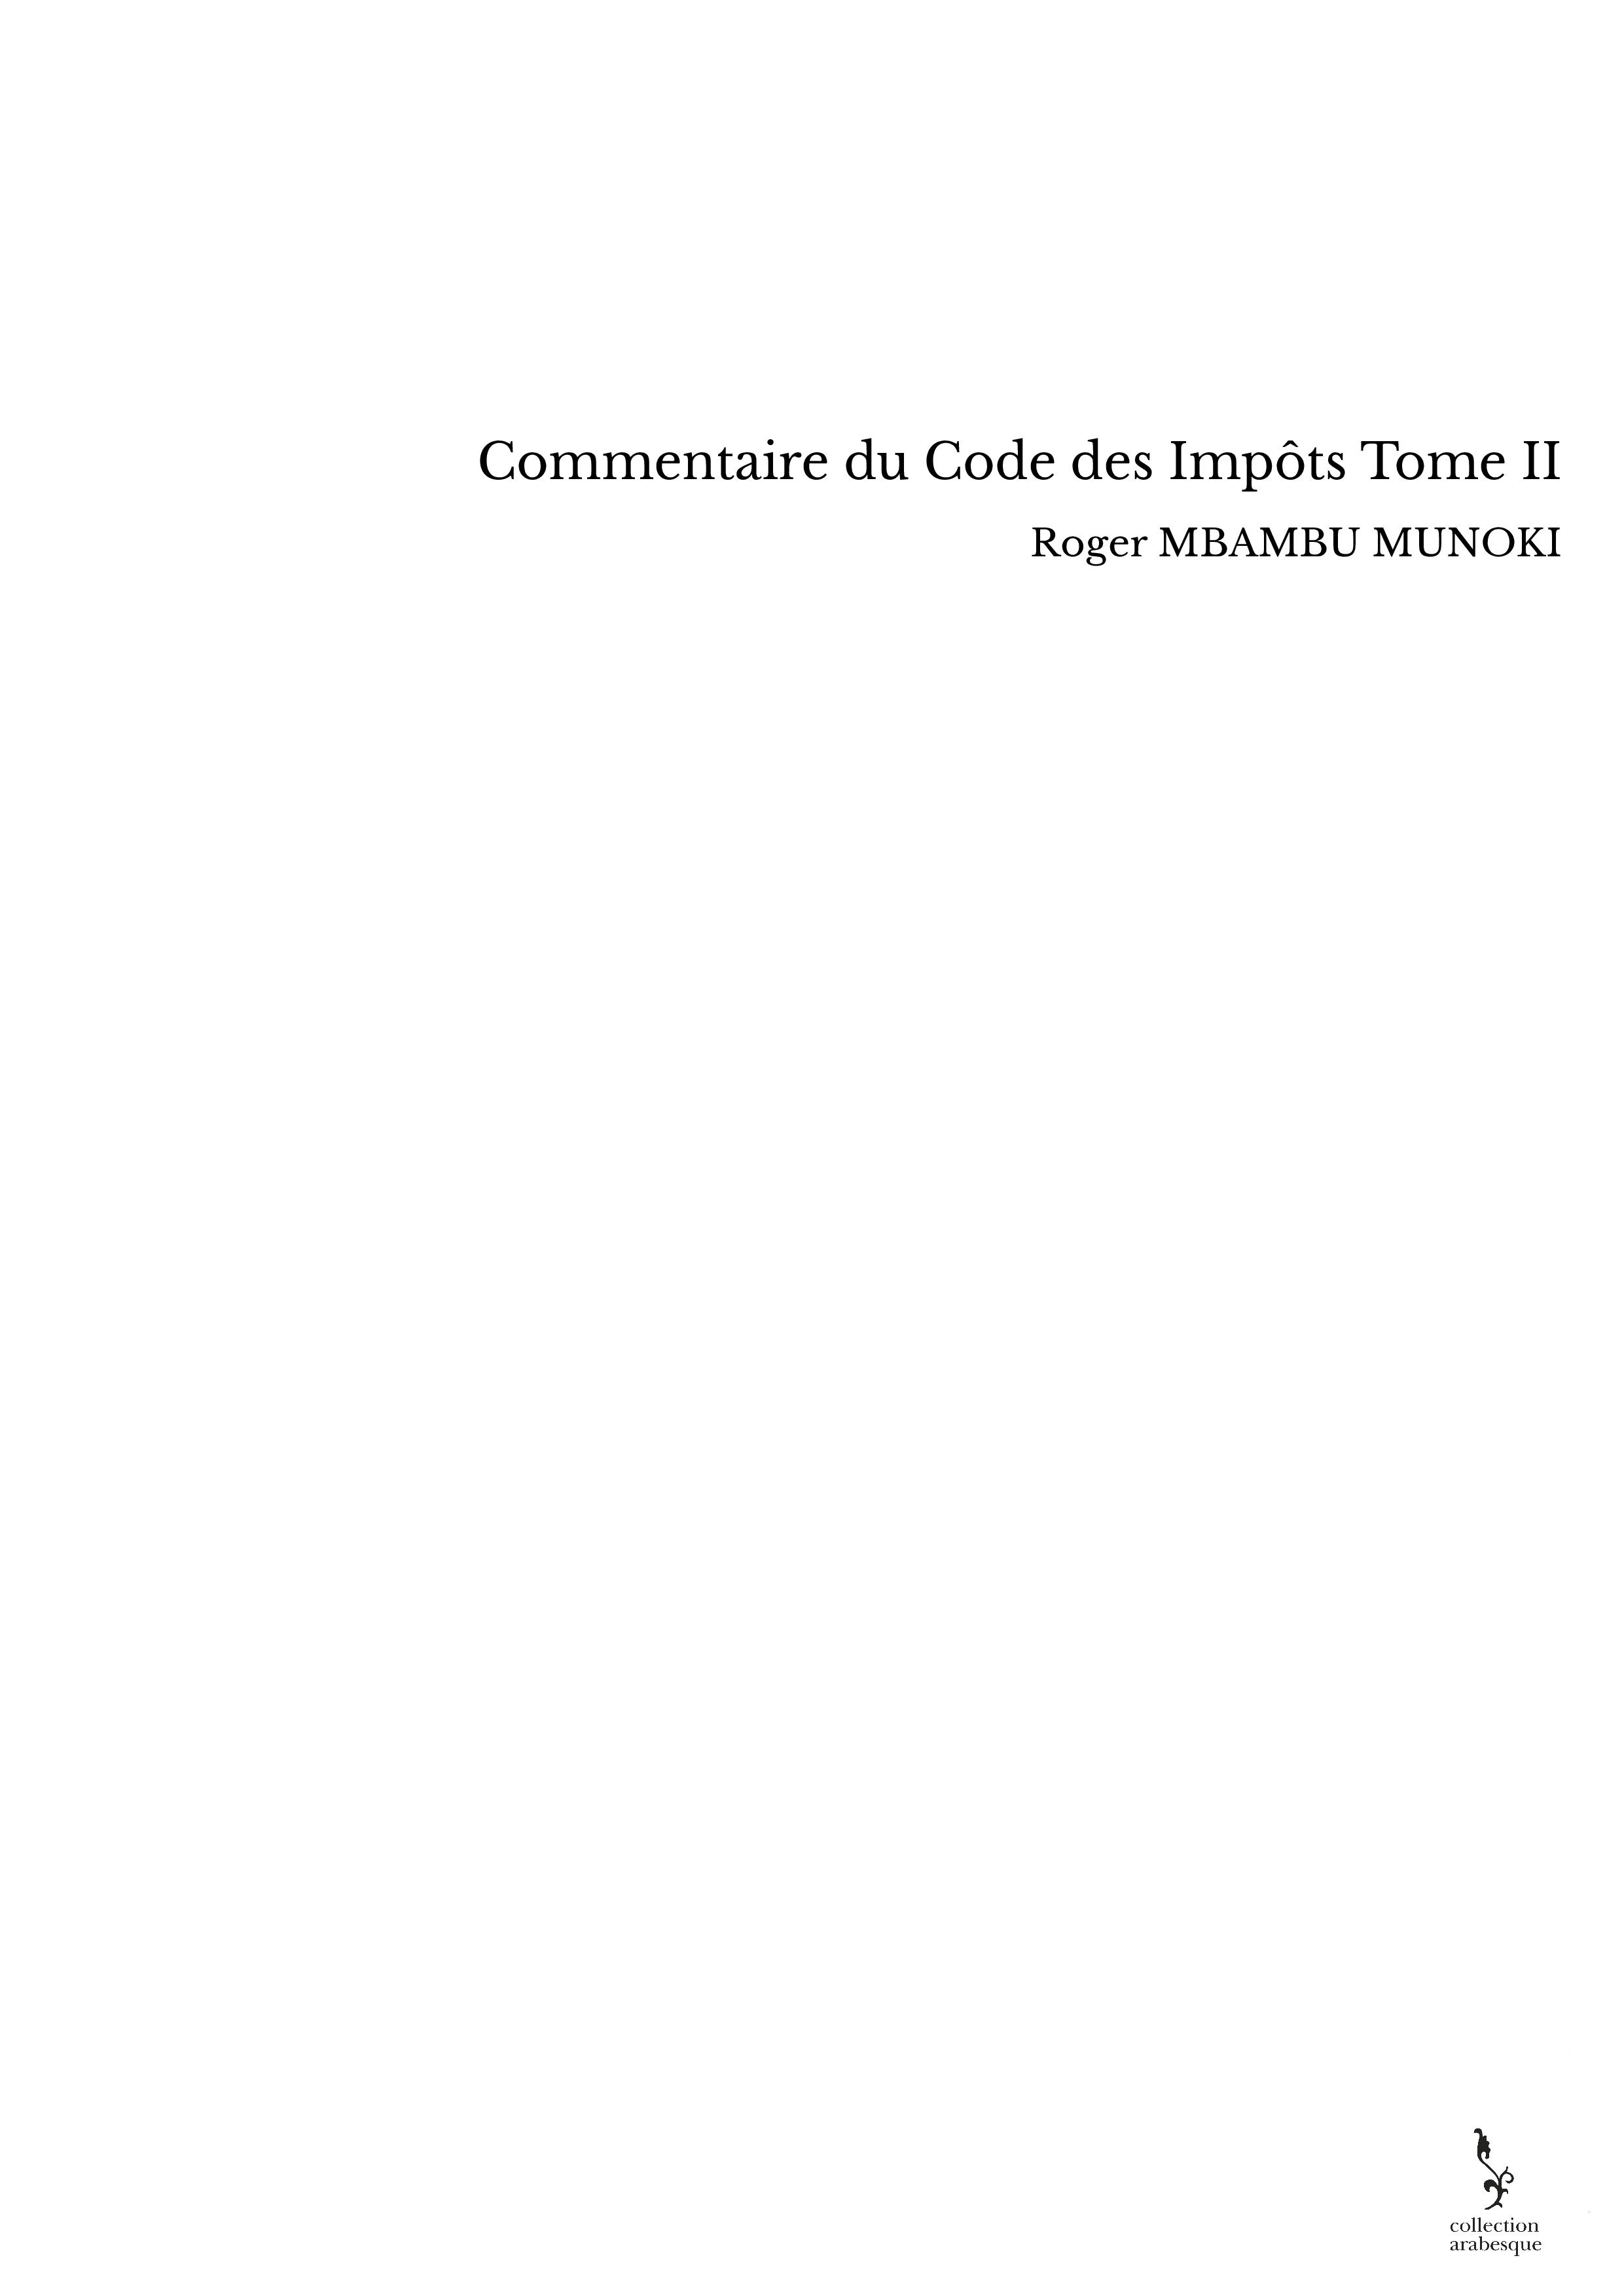 Commentaire du Code des Impôts Tome II